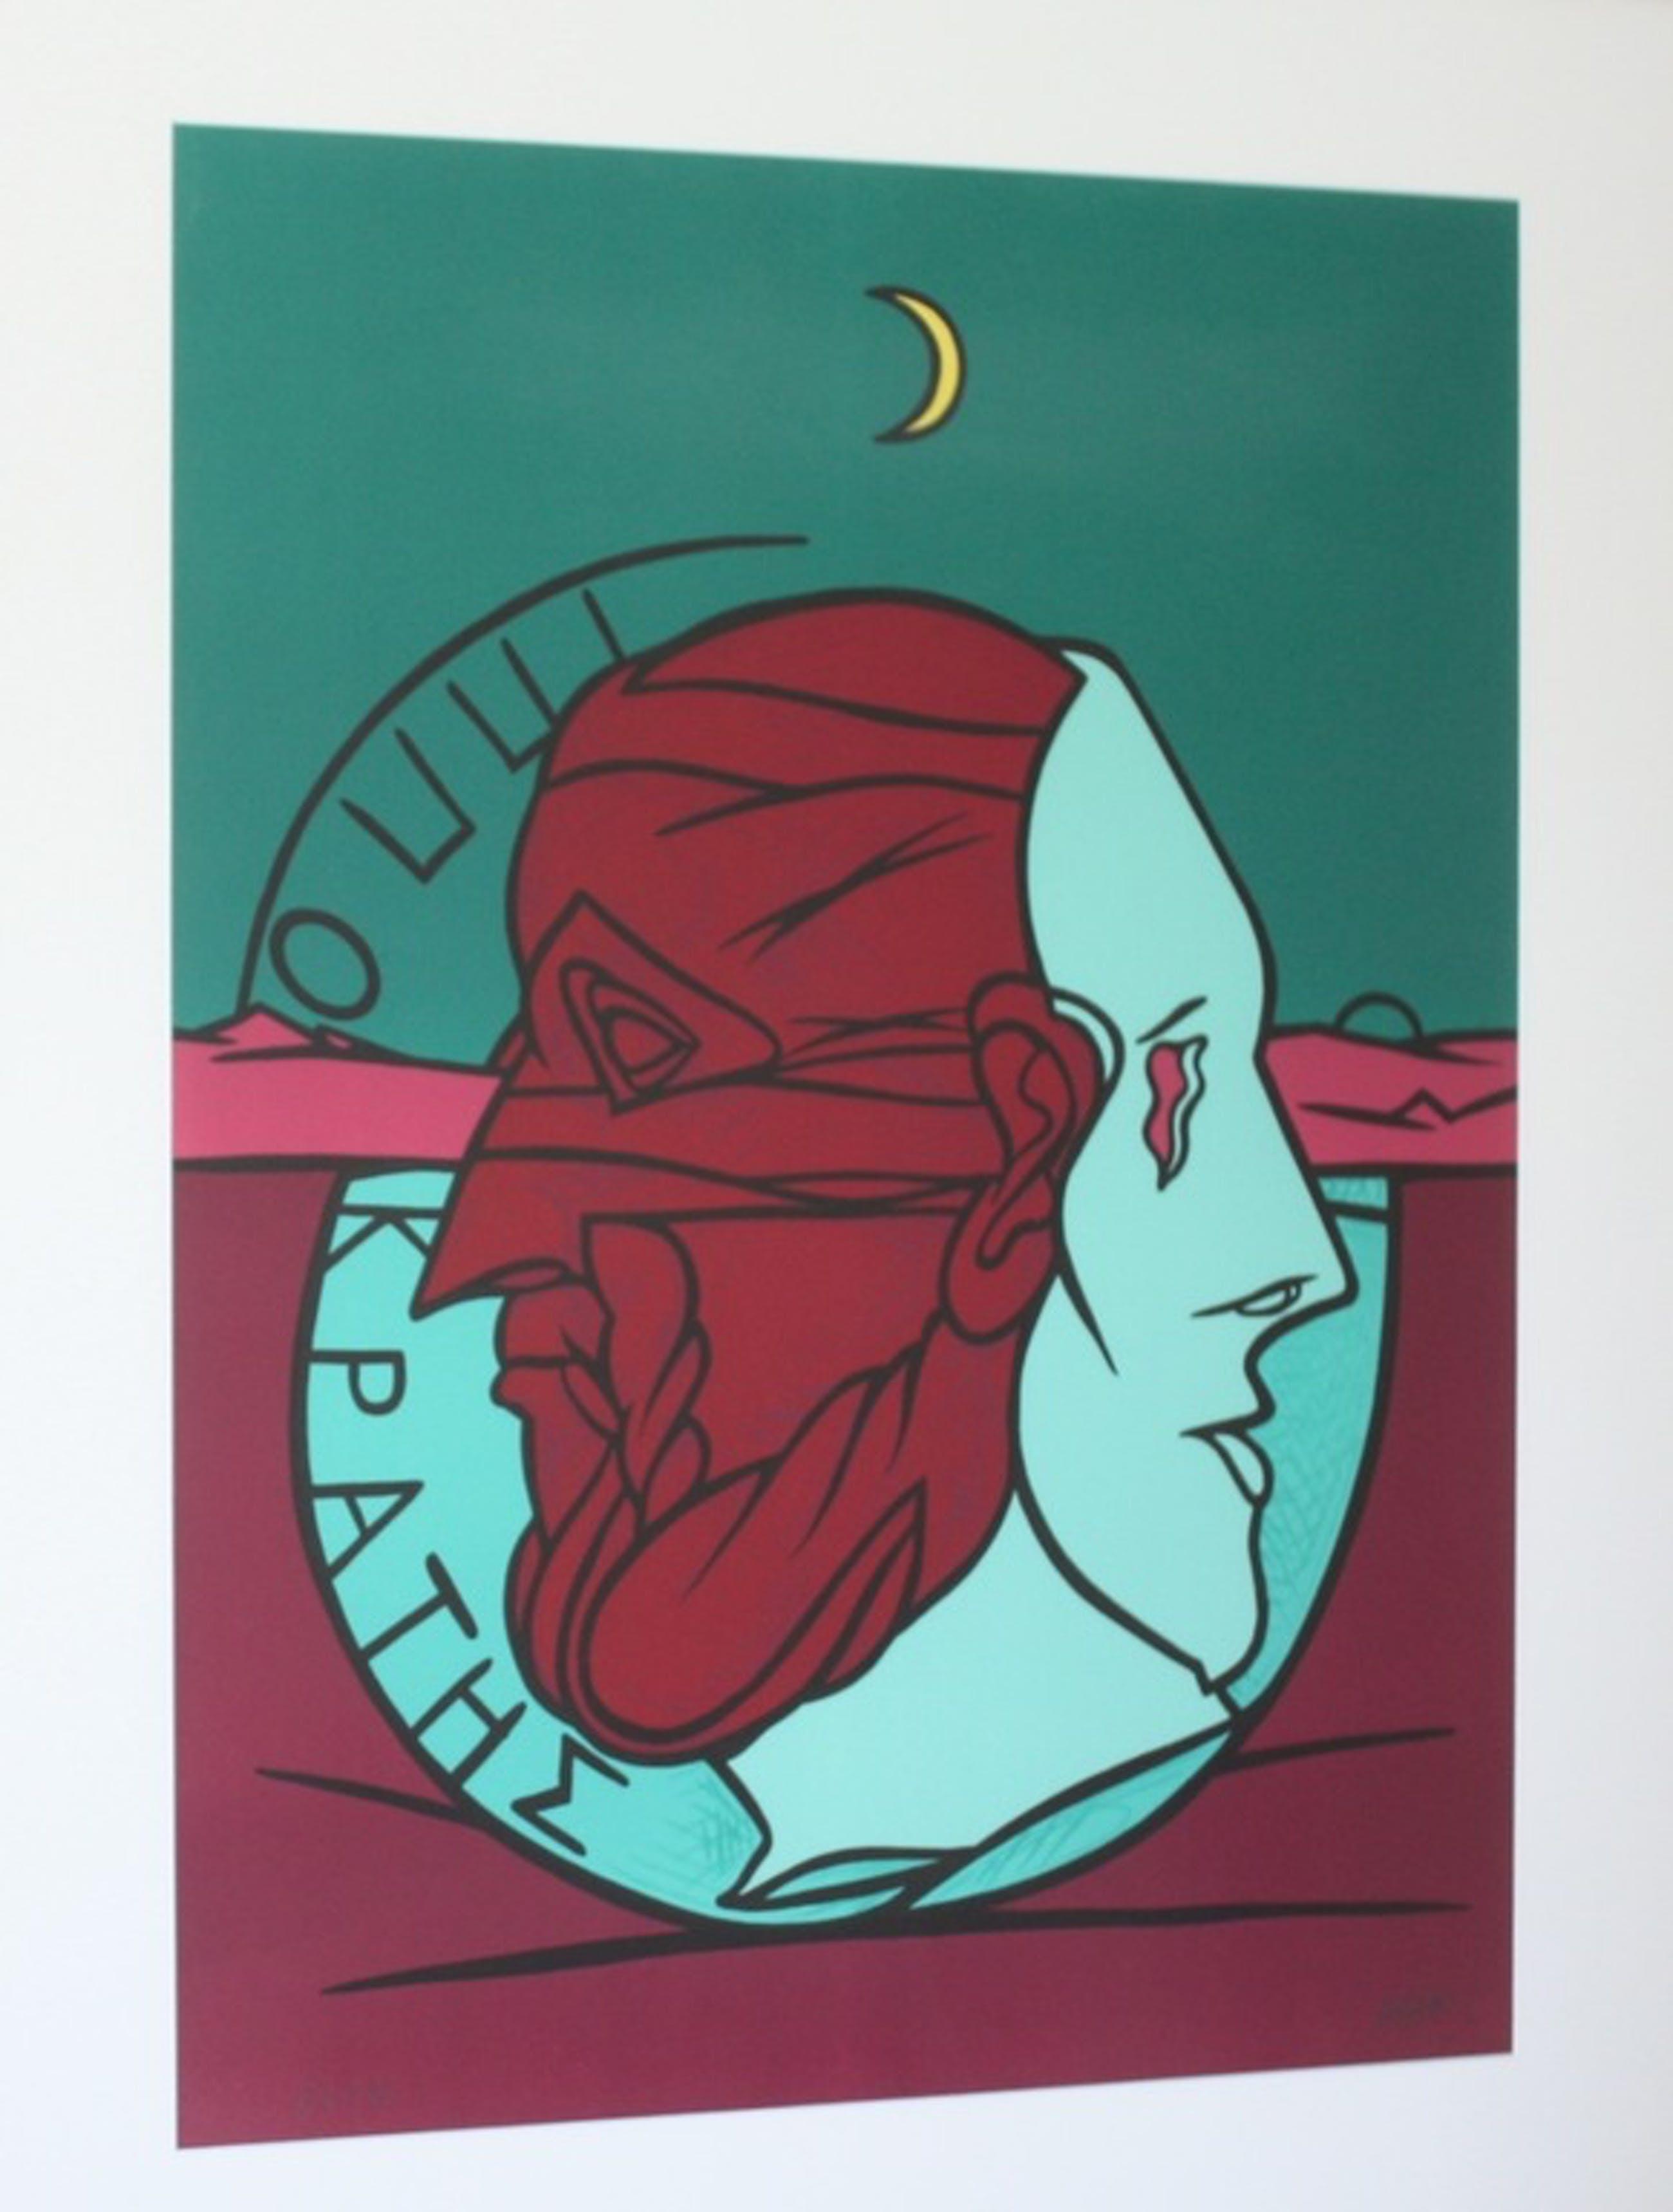 Valerio Adami: Kleurenlithografie, Hippocrates kopen? Bied vanaf 190!